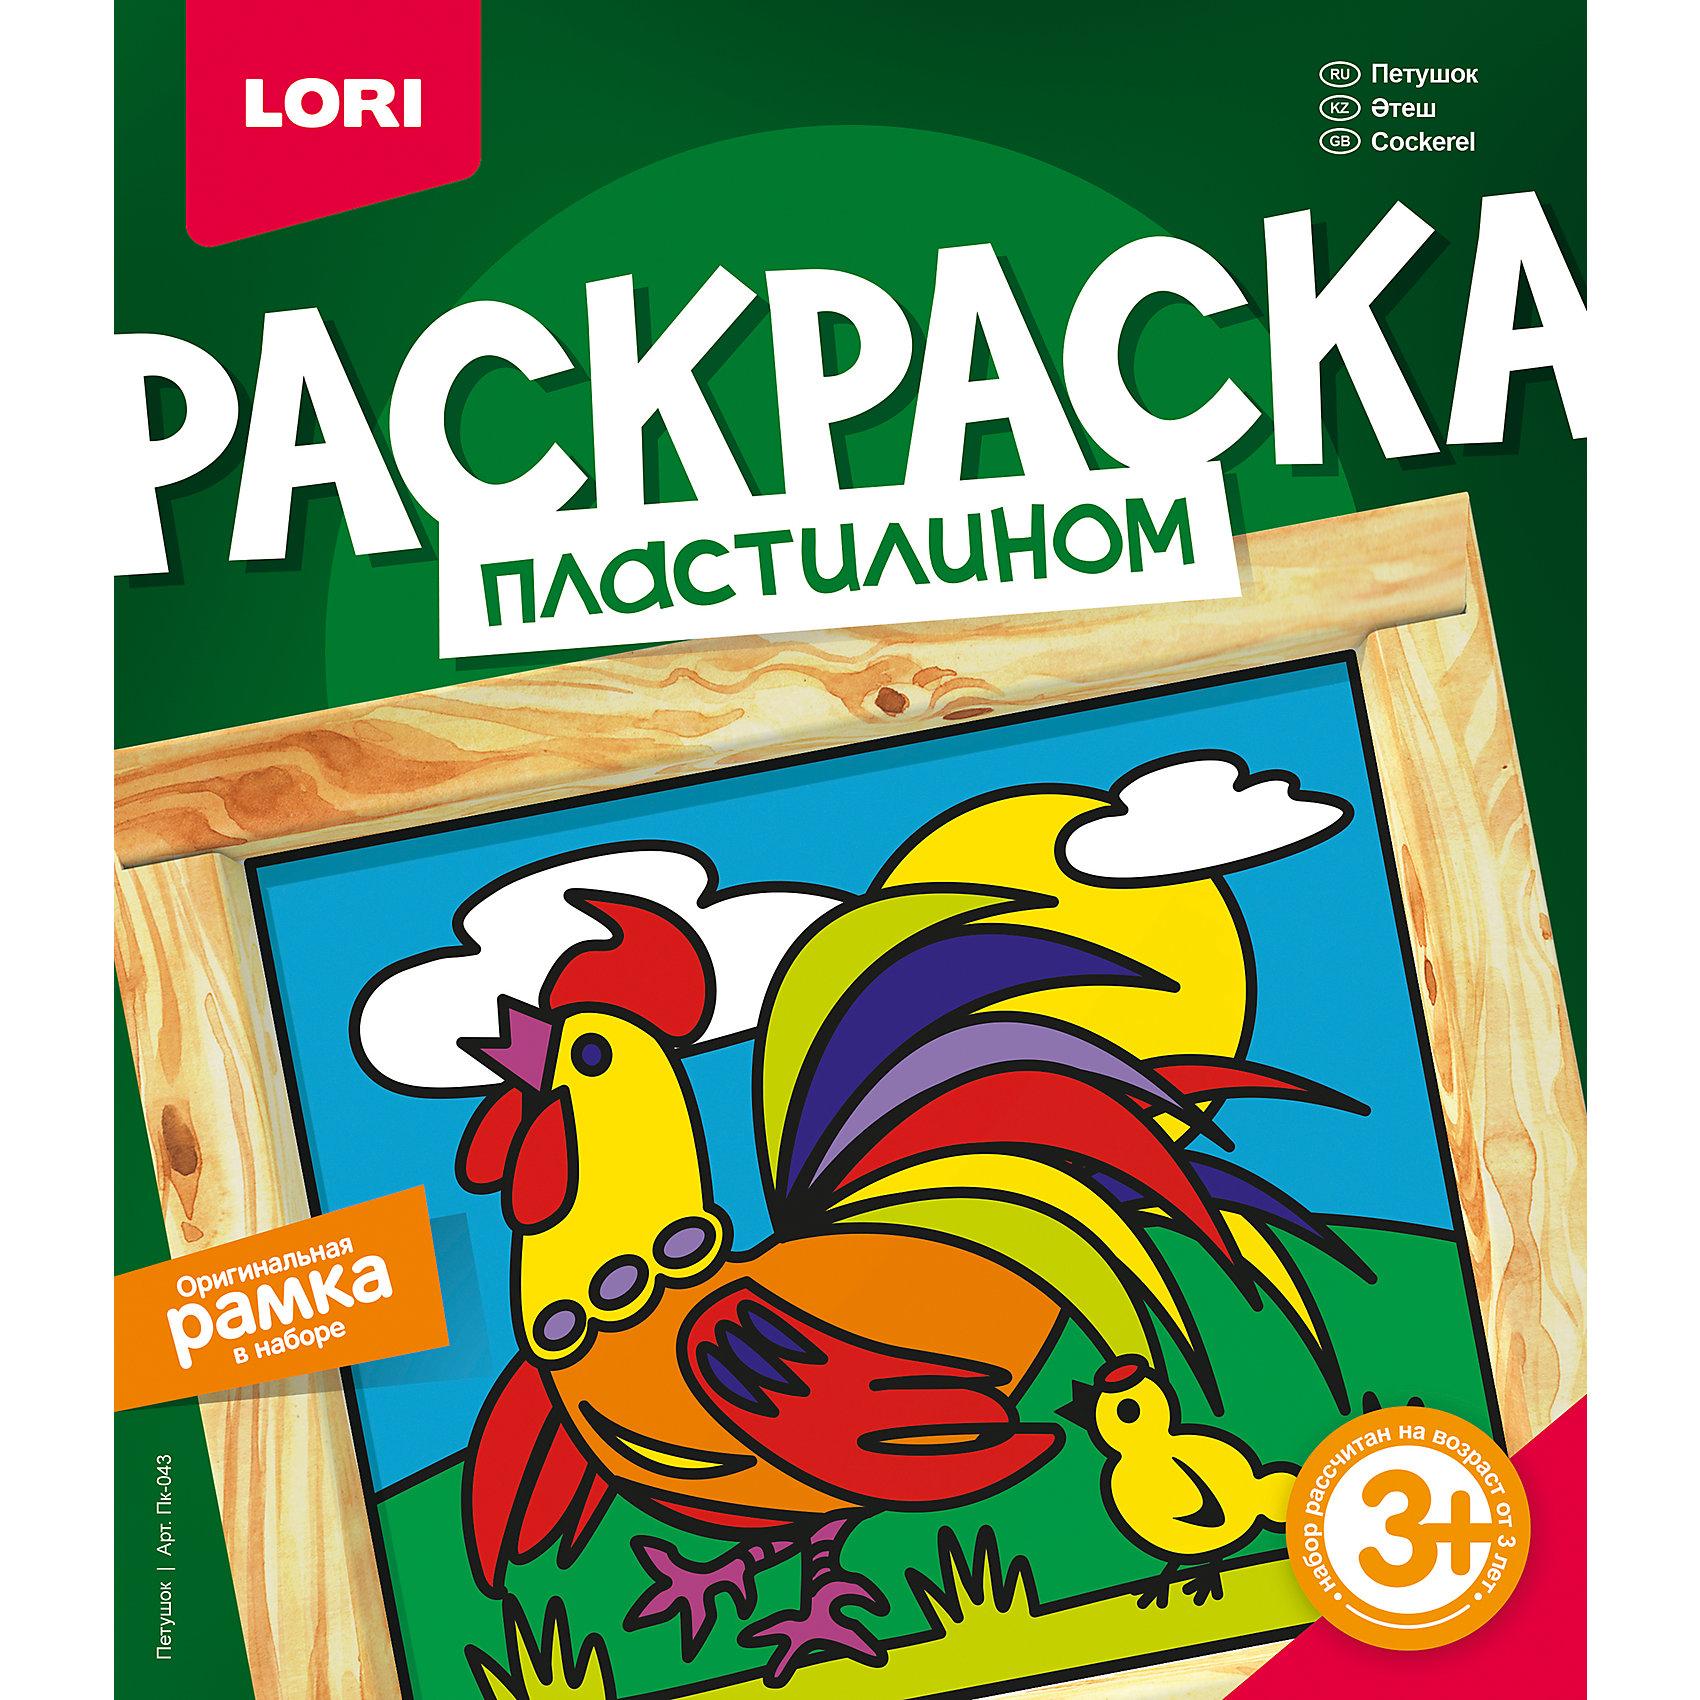 Раскраска пластилином ПетушокРаскраска пластилином Петушок, LORI (Лори)<br><br>Характеристики:<br><br>• яркие цвета<br>• рамка в комплекте<br>• размер упаковки: 20х23х4 см<br>• вес: 242 грамма<br>• в комплекте: картинка-основа, пластилин, стек, рамка, инструкция<br><br>Создать живописную объемную картинку очень просто, особенно если у вас есть набор от Lori, в котором вы найдете всё самое необходимое. Для создания поделки нужно нанести пластилин на белую картинку, используя лишь свою фантазию. Удобный стек поможет ребенку отделить необходимое количество пластилина. Готовую работу можно поместить в самодельную рамку, входящую в комплект. Такое творчество хорошо развивает мелкую моторику, художественный вкус и аккуратность. Яркий петушок станет прекрасным украшением детской комнаты!<br><br>Раскраску пластилином Петушок, LORI (Лори) вы можете купить в нашем интернет-магазине.<br><br>Ширина мм: 40<br>Глубина мм: 200<br>Высота мм: 230<br>Вес г: 5546<br>Возраст от месяцев: 36<br>Возраст до месяцев: 84<br>Пол: Унисекс<br>Возраст: Детский<br>SKU: 5032312